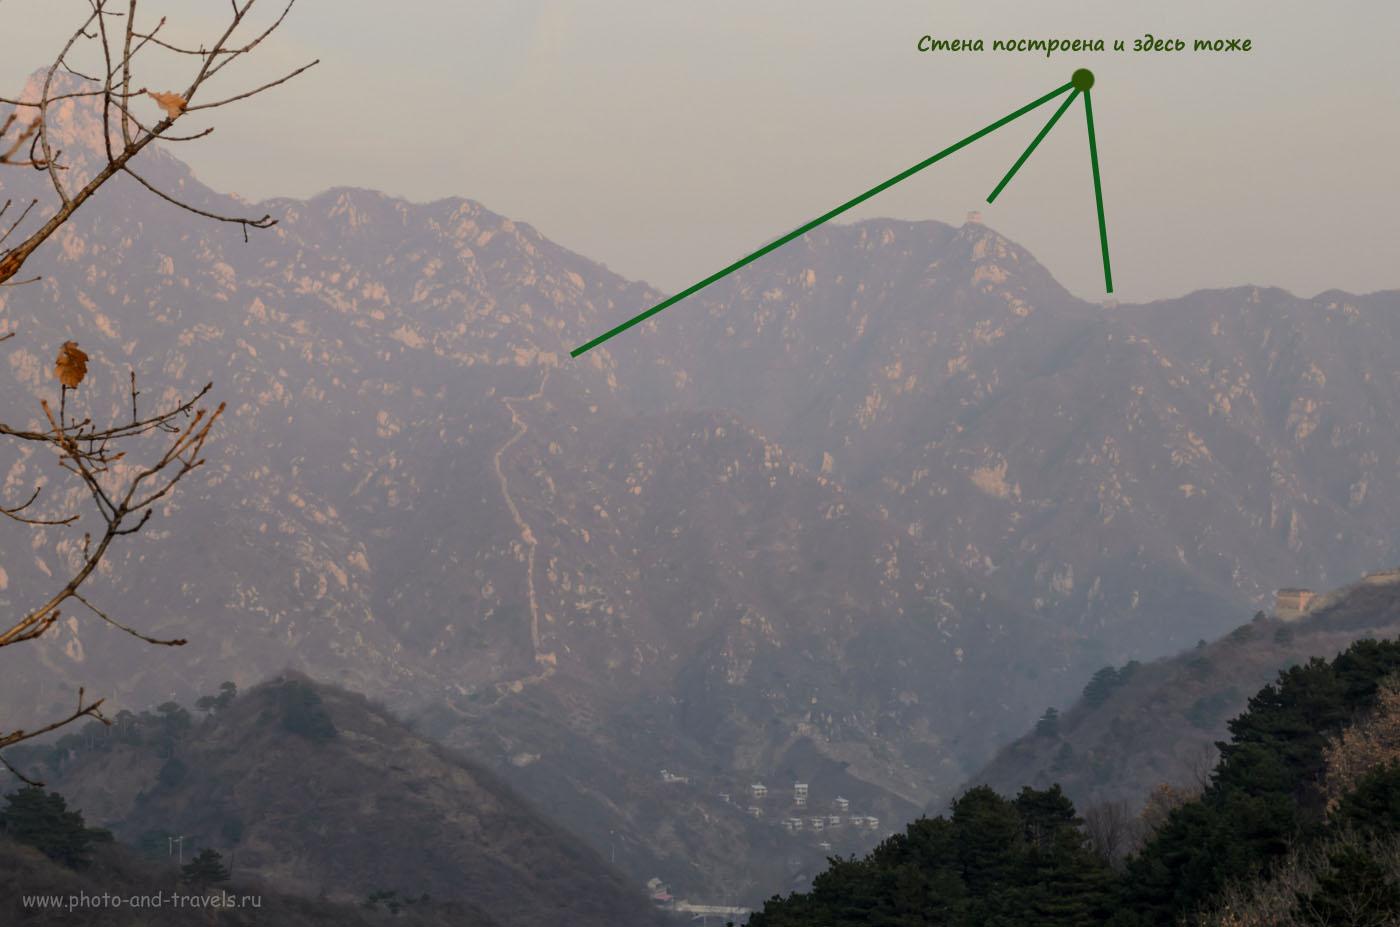 Фотография 8. Великая Китайская Стена. Сколько усилий приложено, чтобы все это построить в горах!